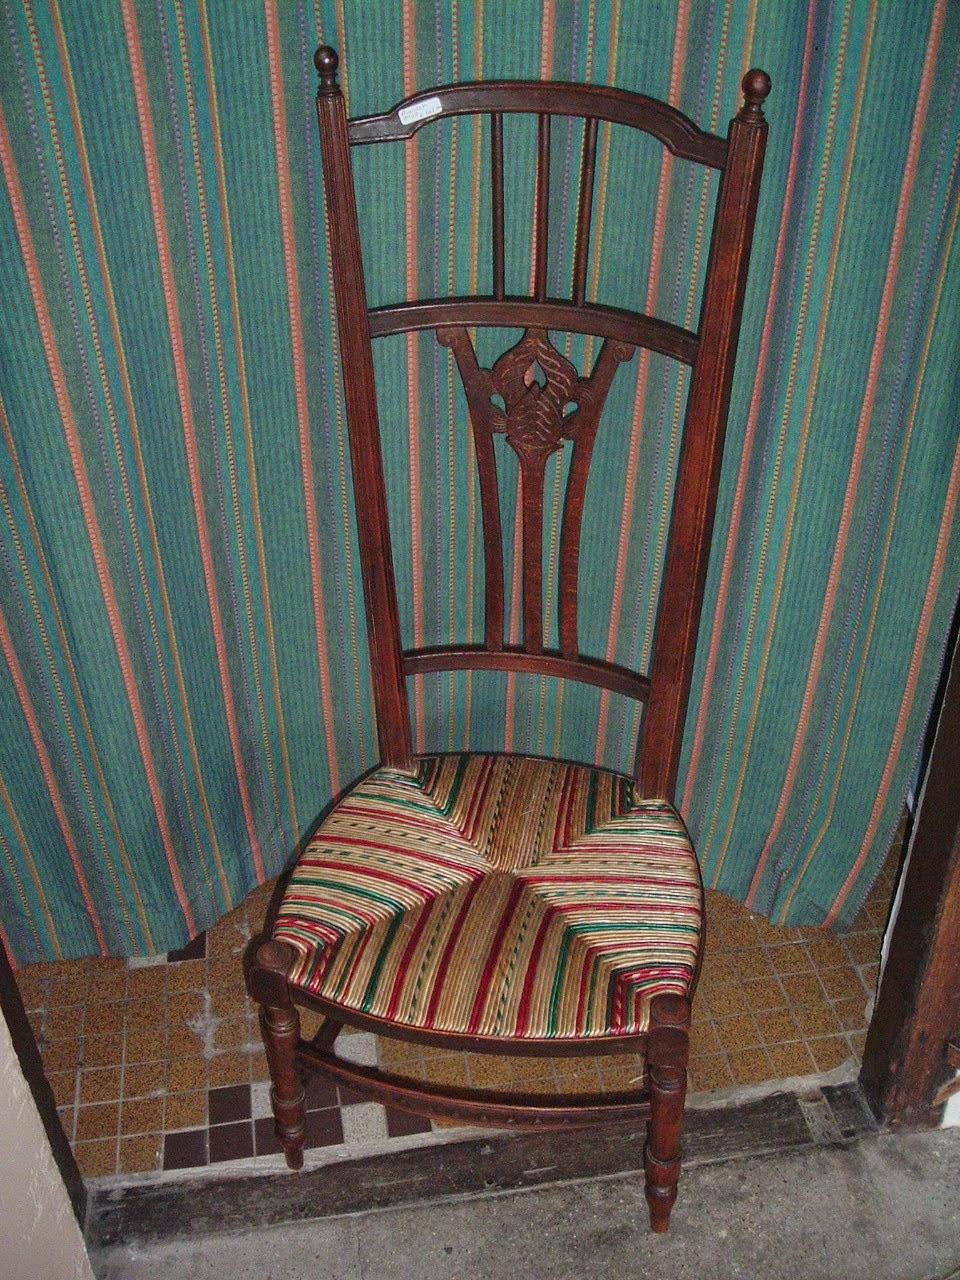 Normandie cannage une chauffeuse chaise de nourrice for 18 rue de la chaise